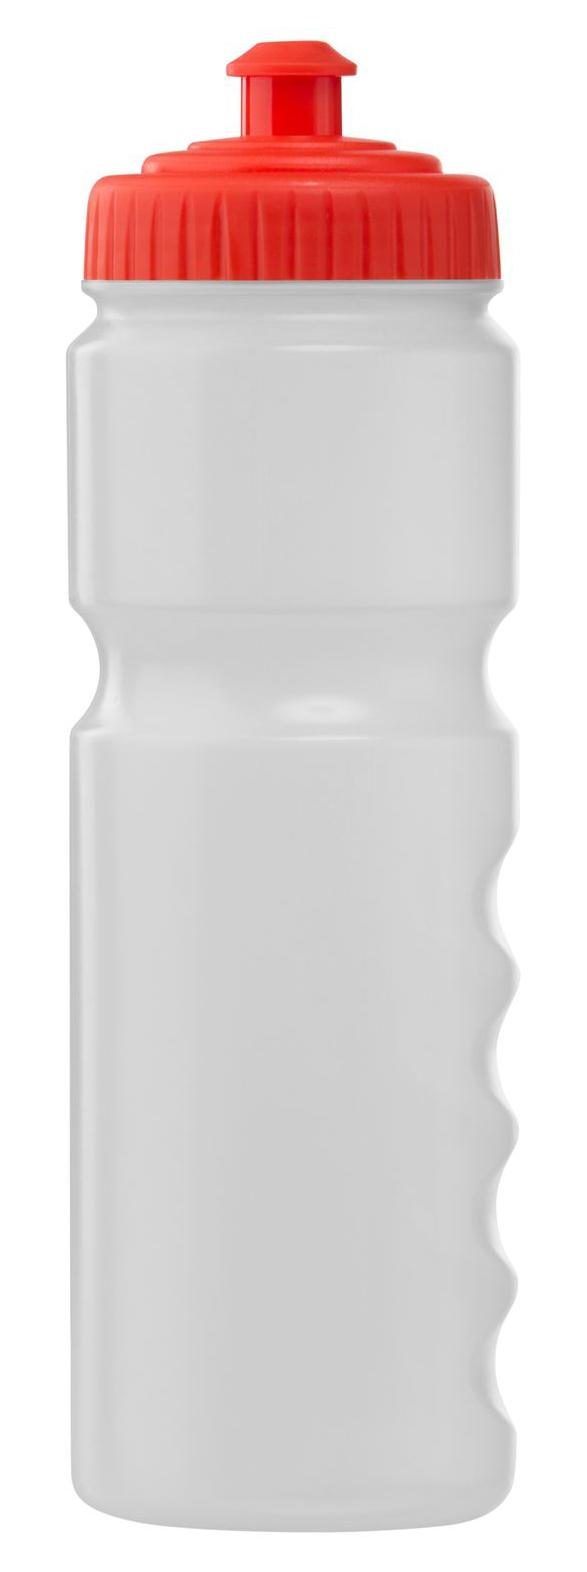 Спортивная бутылка Спортивный элемент Датолит, 750 мл. S17-750Датолит, S17-750Спортивная бутылка S17-750. 750 мл. Крышка с носиком для питья. LDPE материал (приятно держать в руках). Бутылка, крышка, носик. Удобная форма бутылки с держателем для пальцев, можно использовать как бутылку для велосипеда